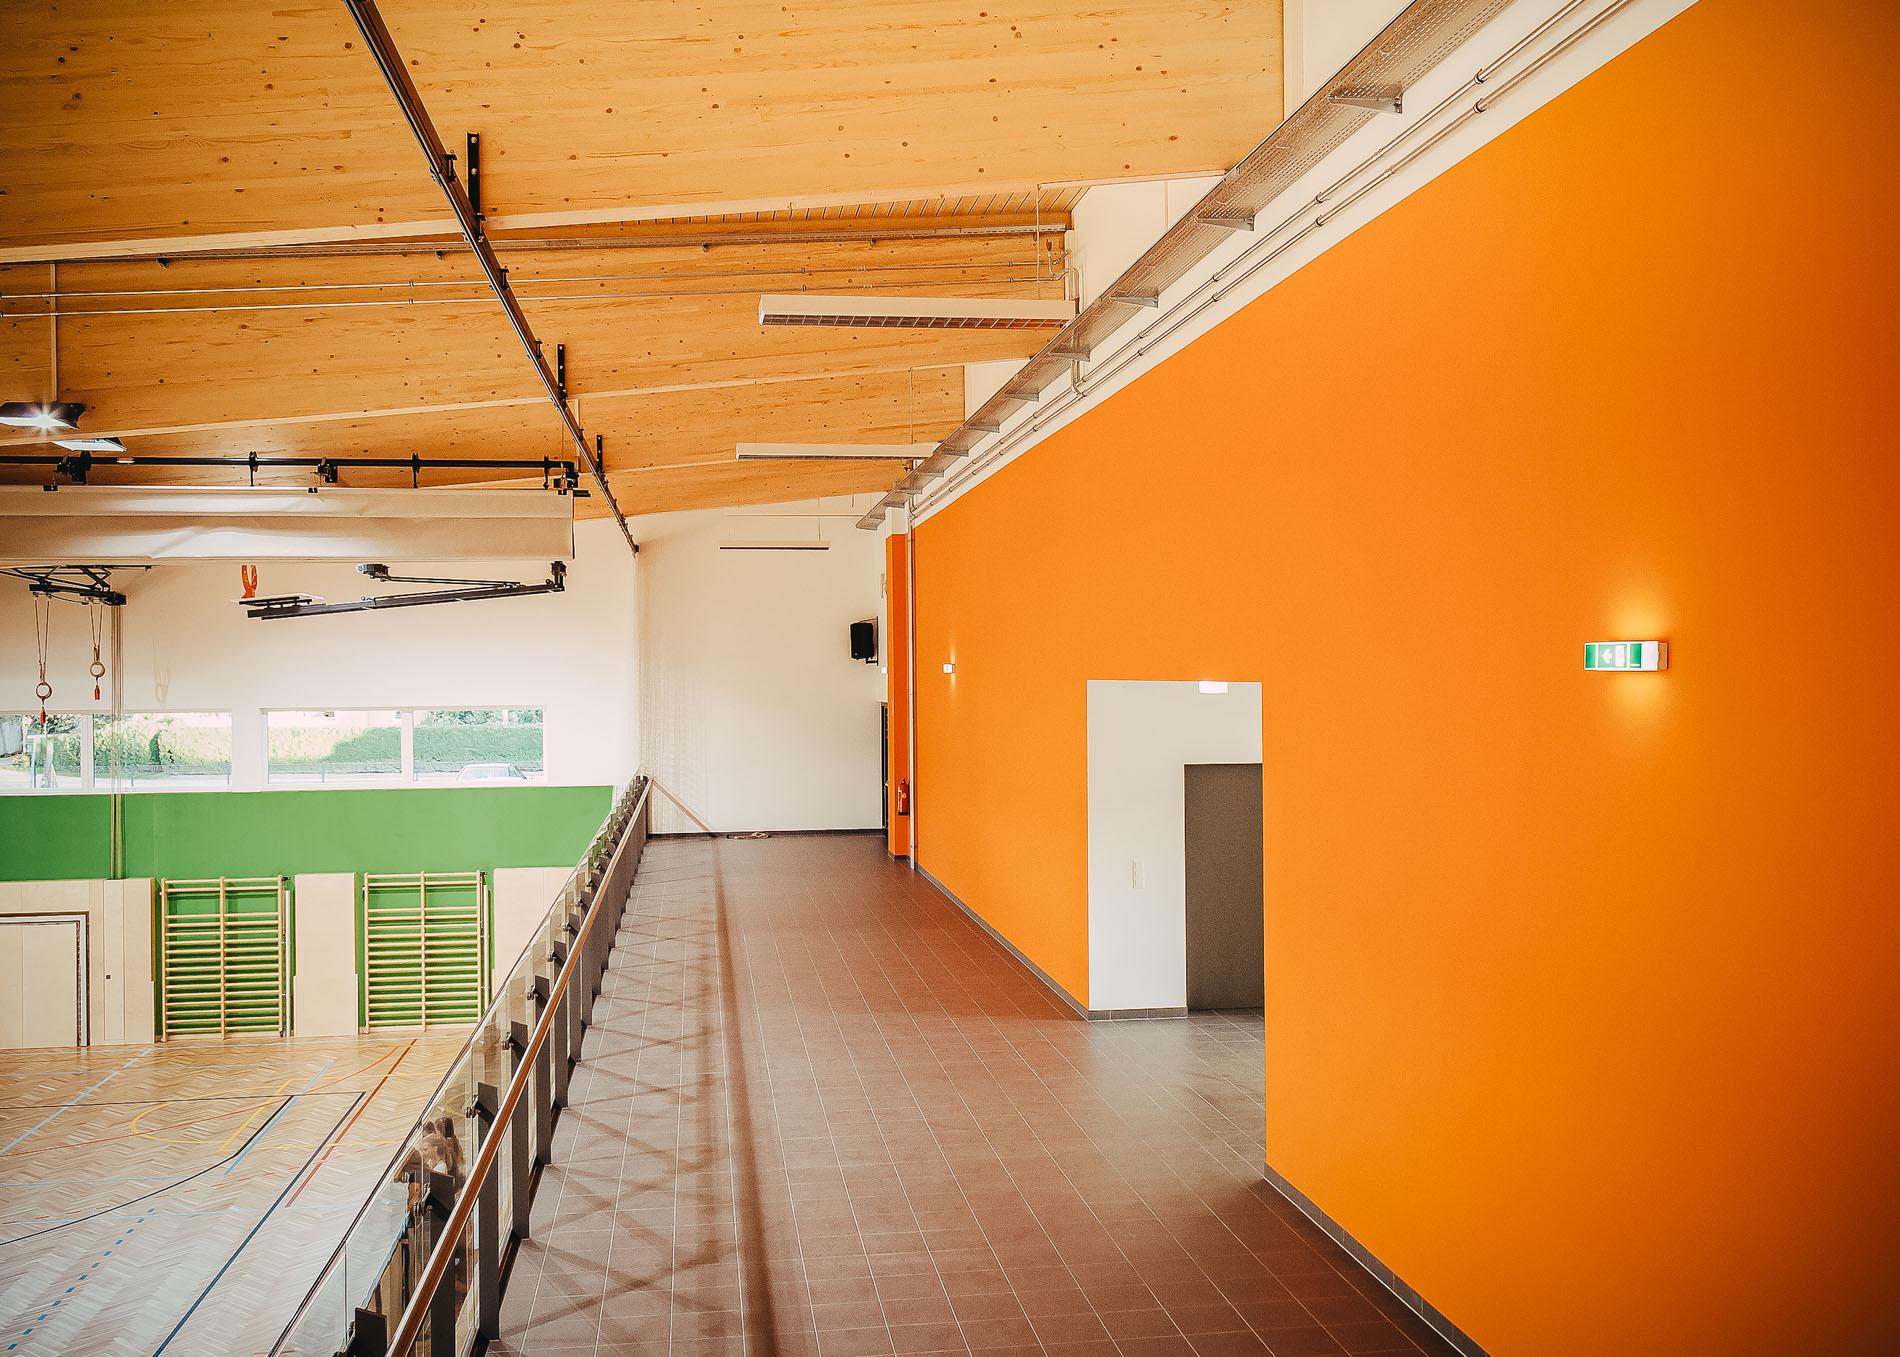 Turnhalle-Musikschule Kilb (2)